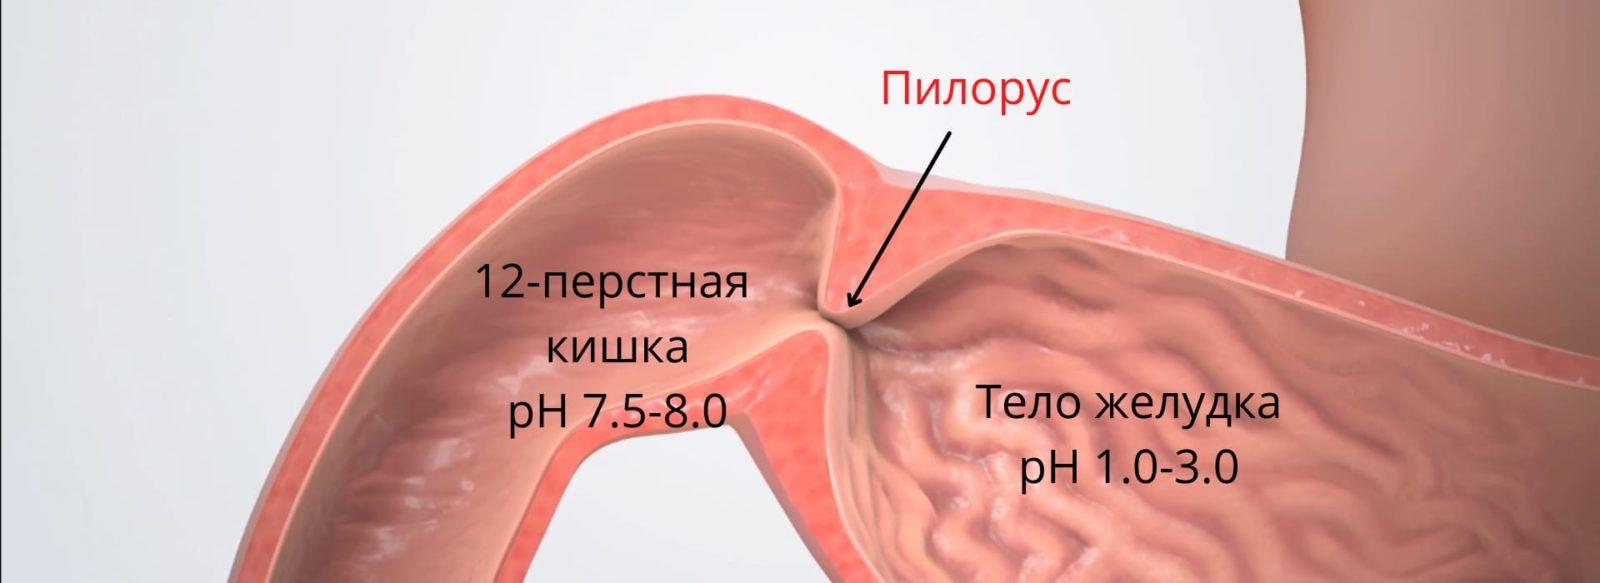 Клапан желудка не закрывается